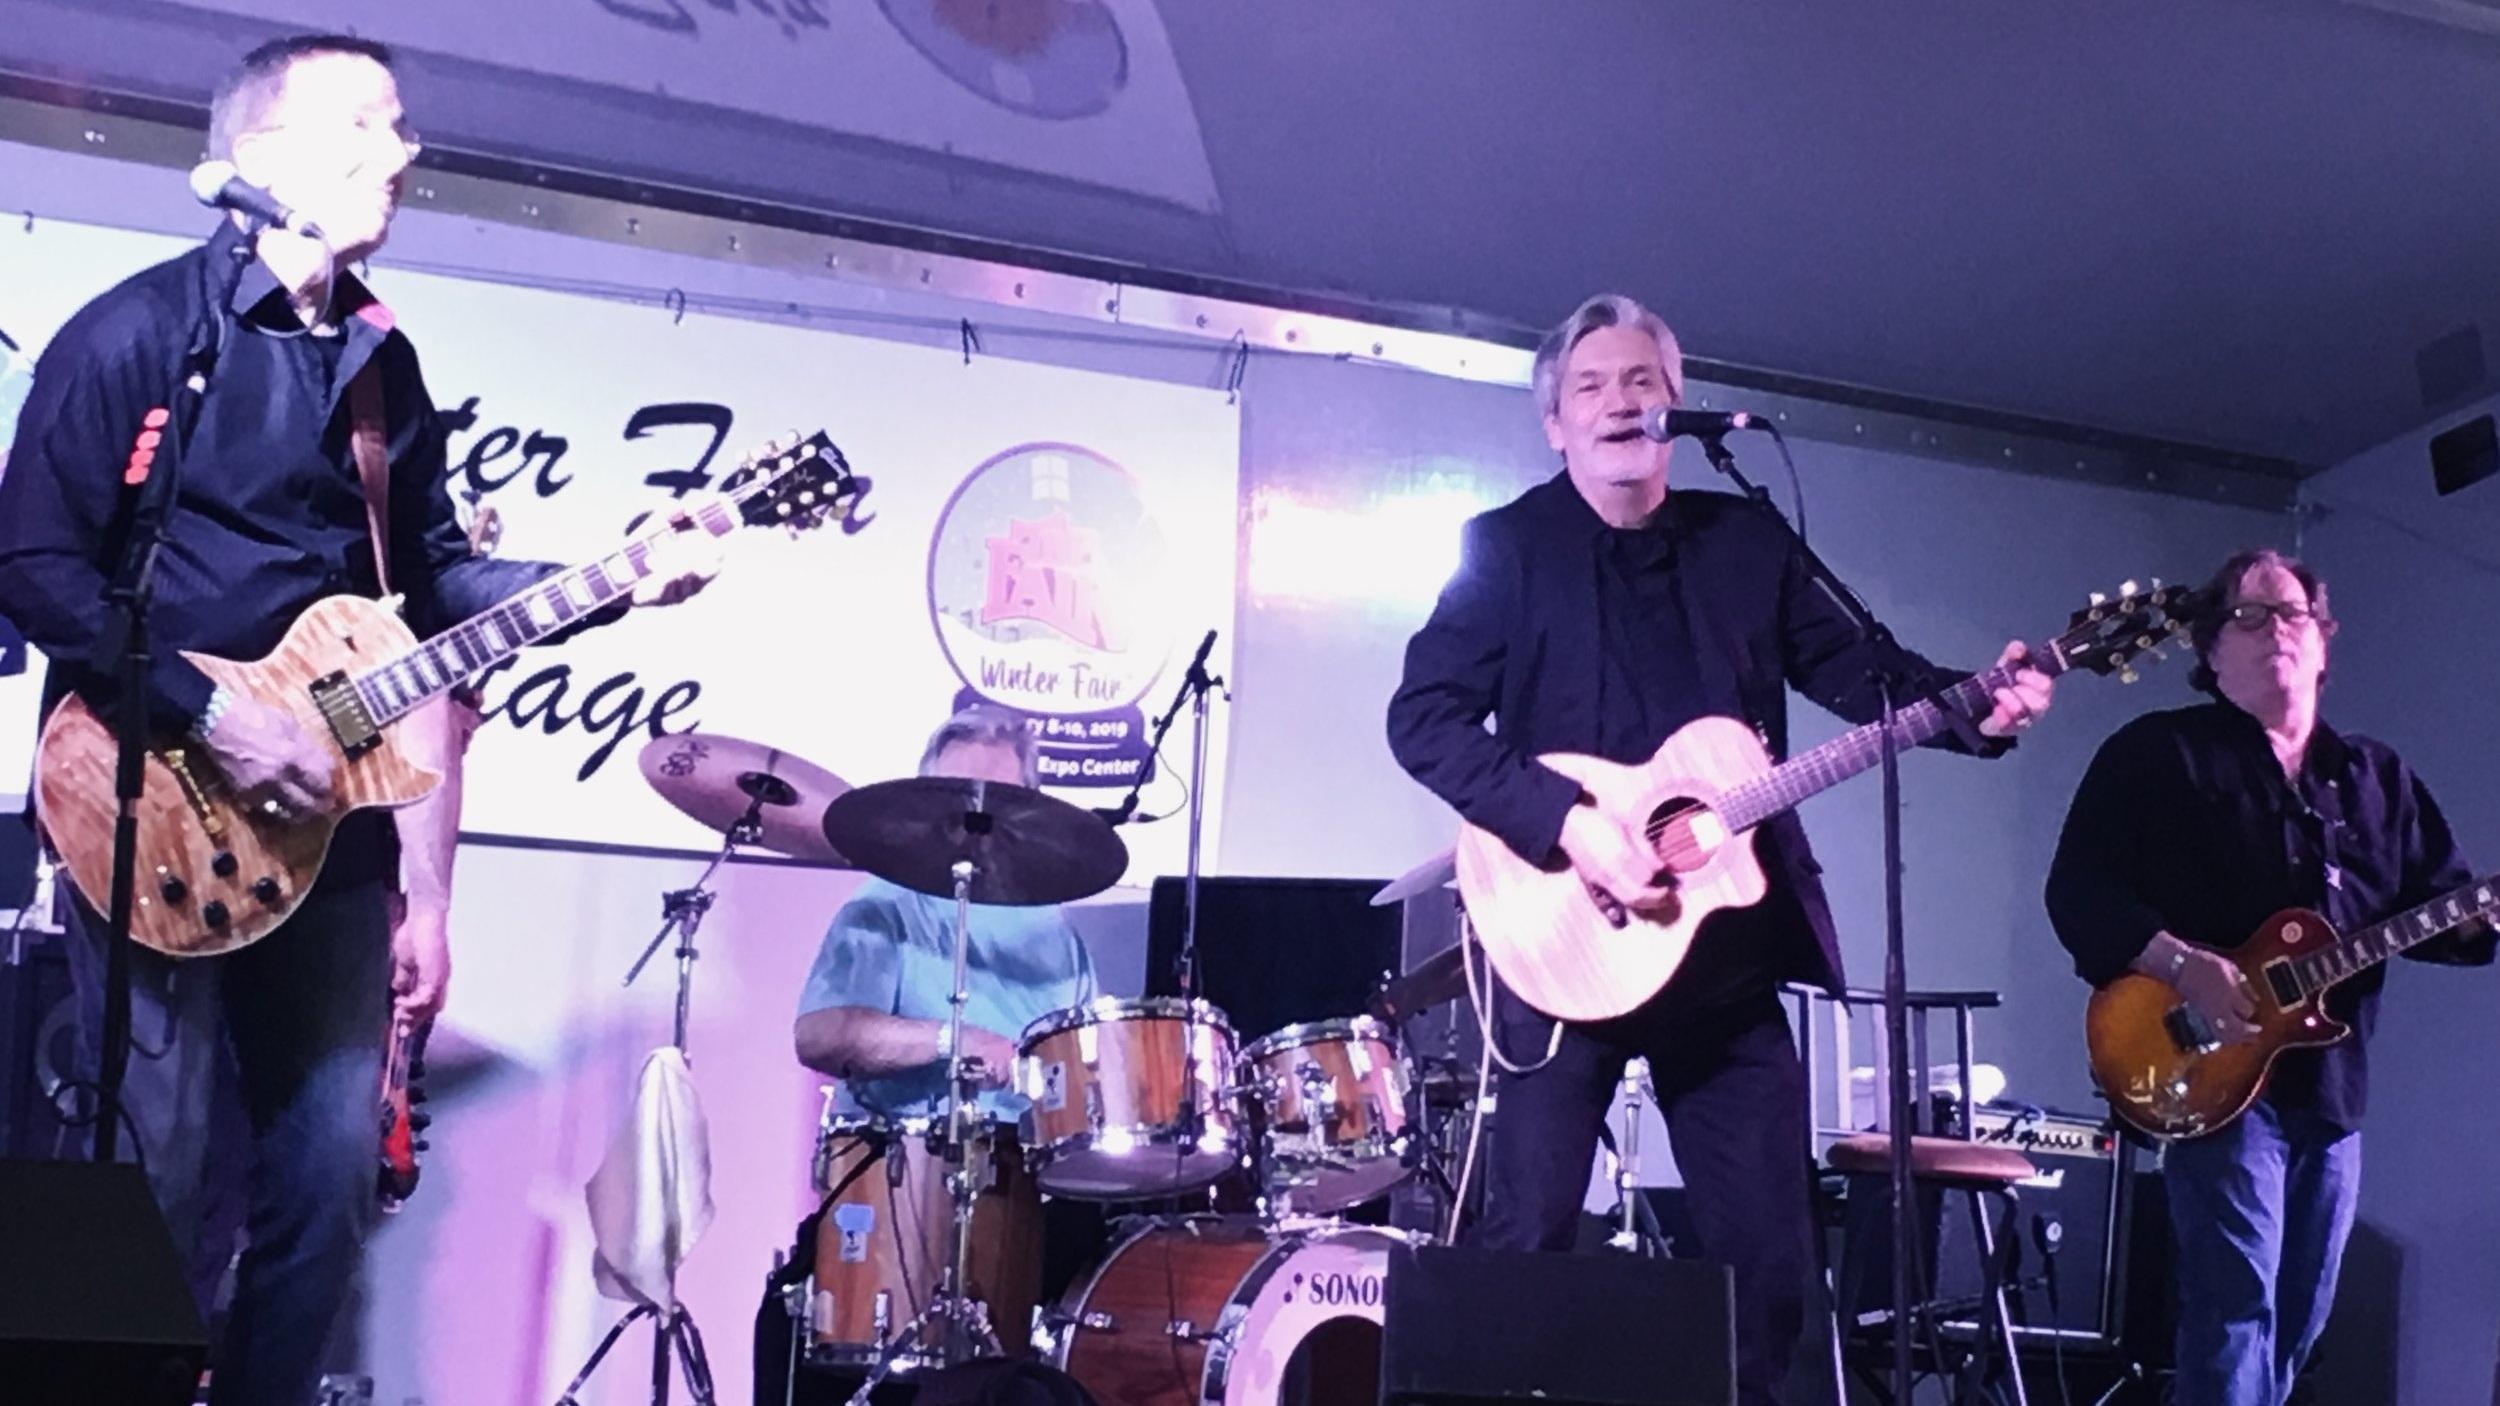 The+Todd+Hobin+Band+At+Winter+Fair